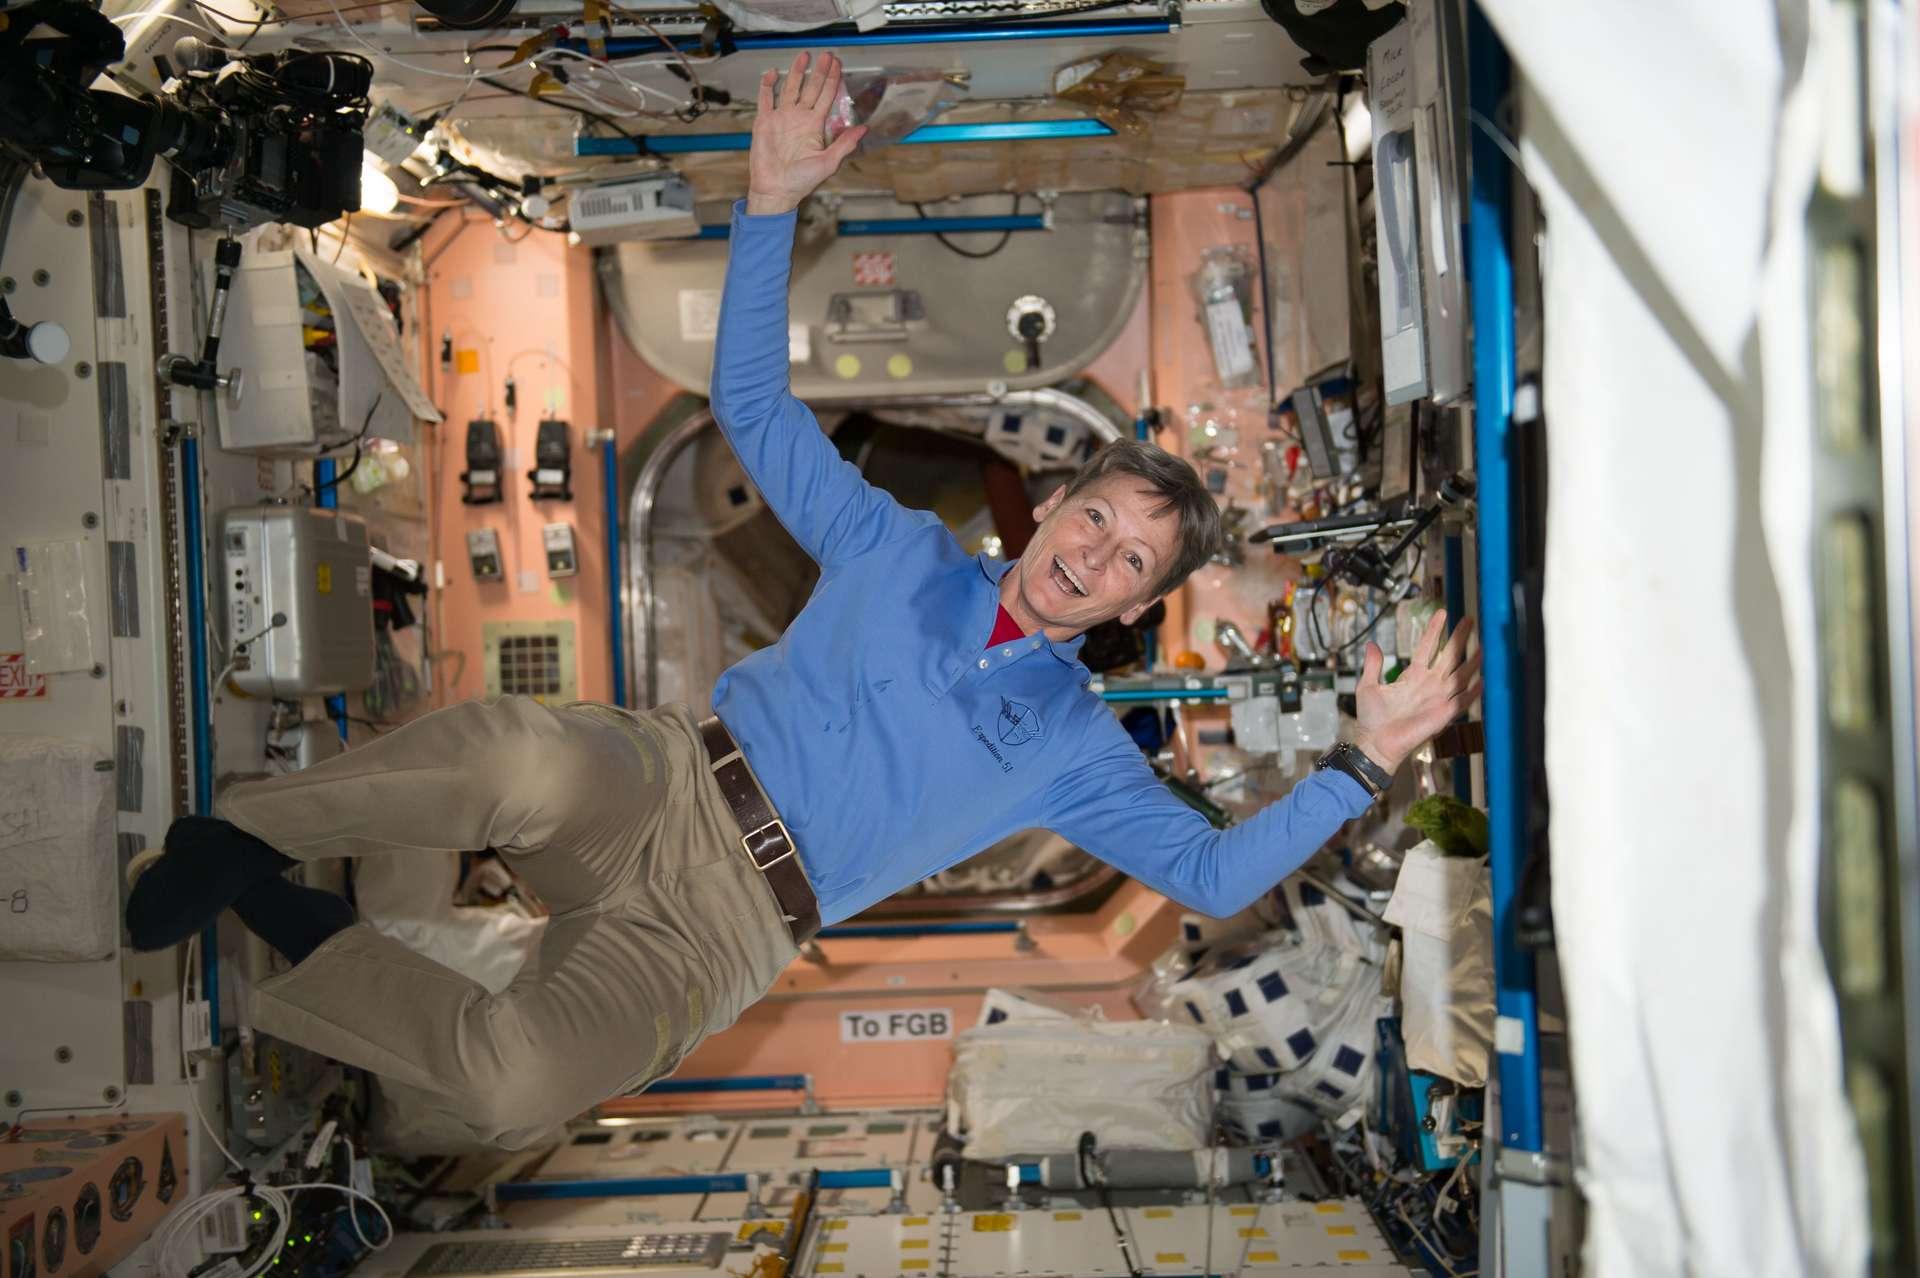 Les astronautes portent des vêtements et sous-vêtements jetables, qui sont jetés puis rapportés sur Terre ou brûlés dans l'espace. © Nasa